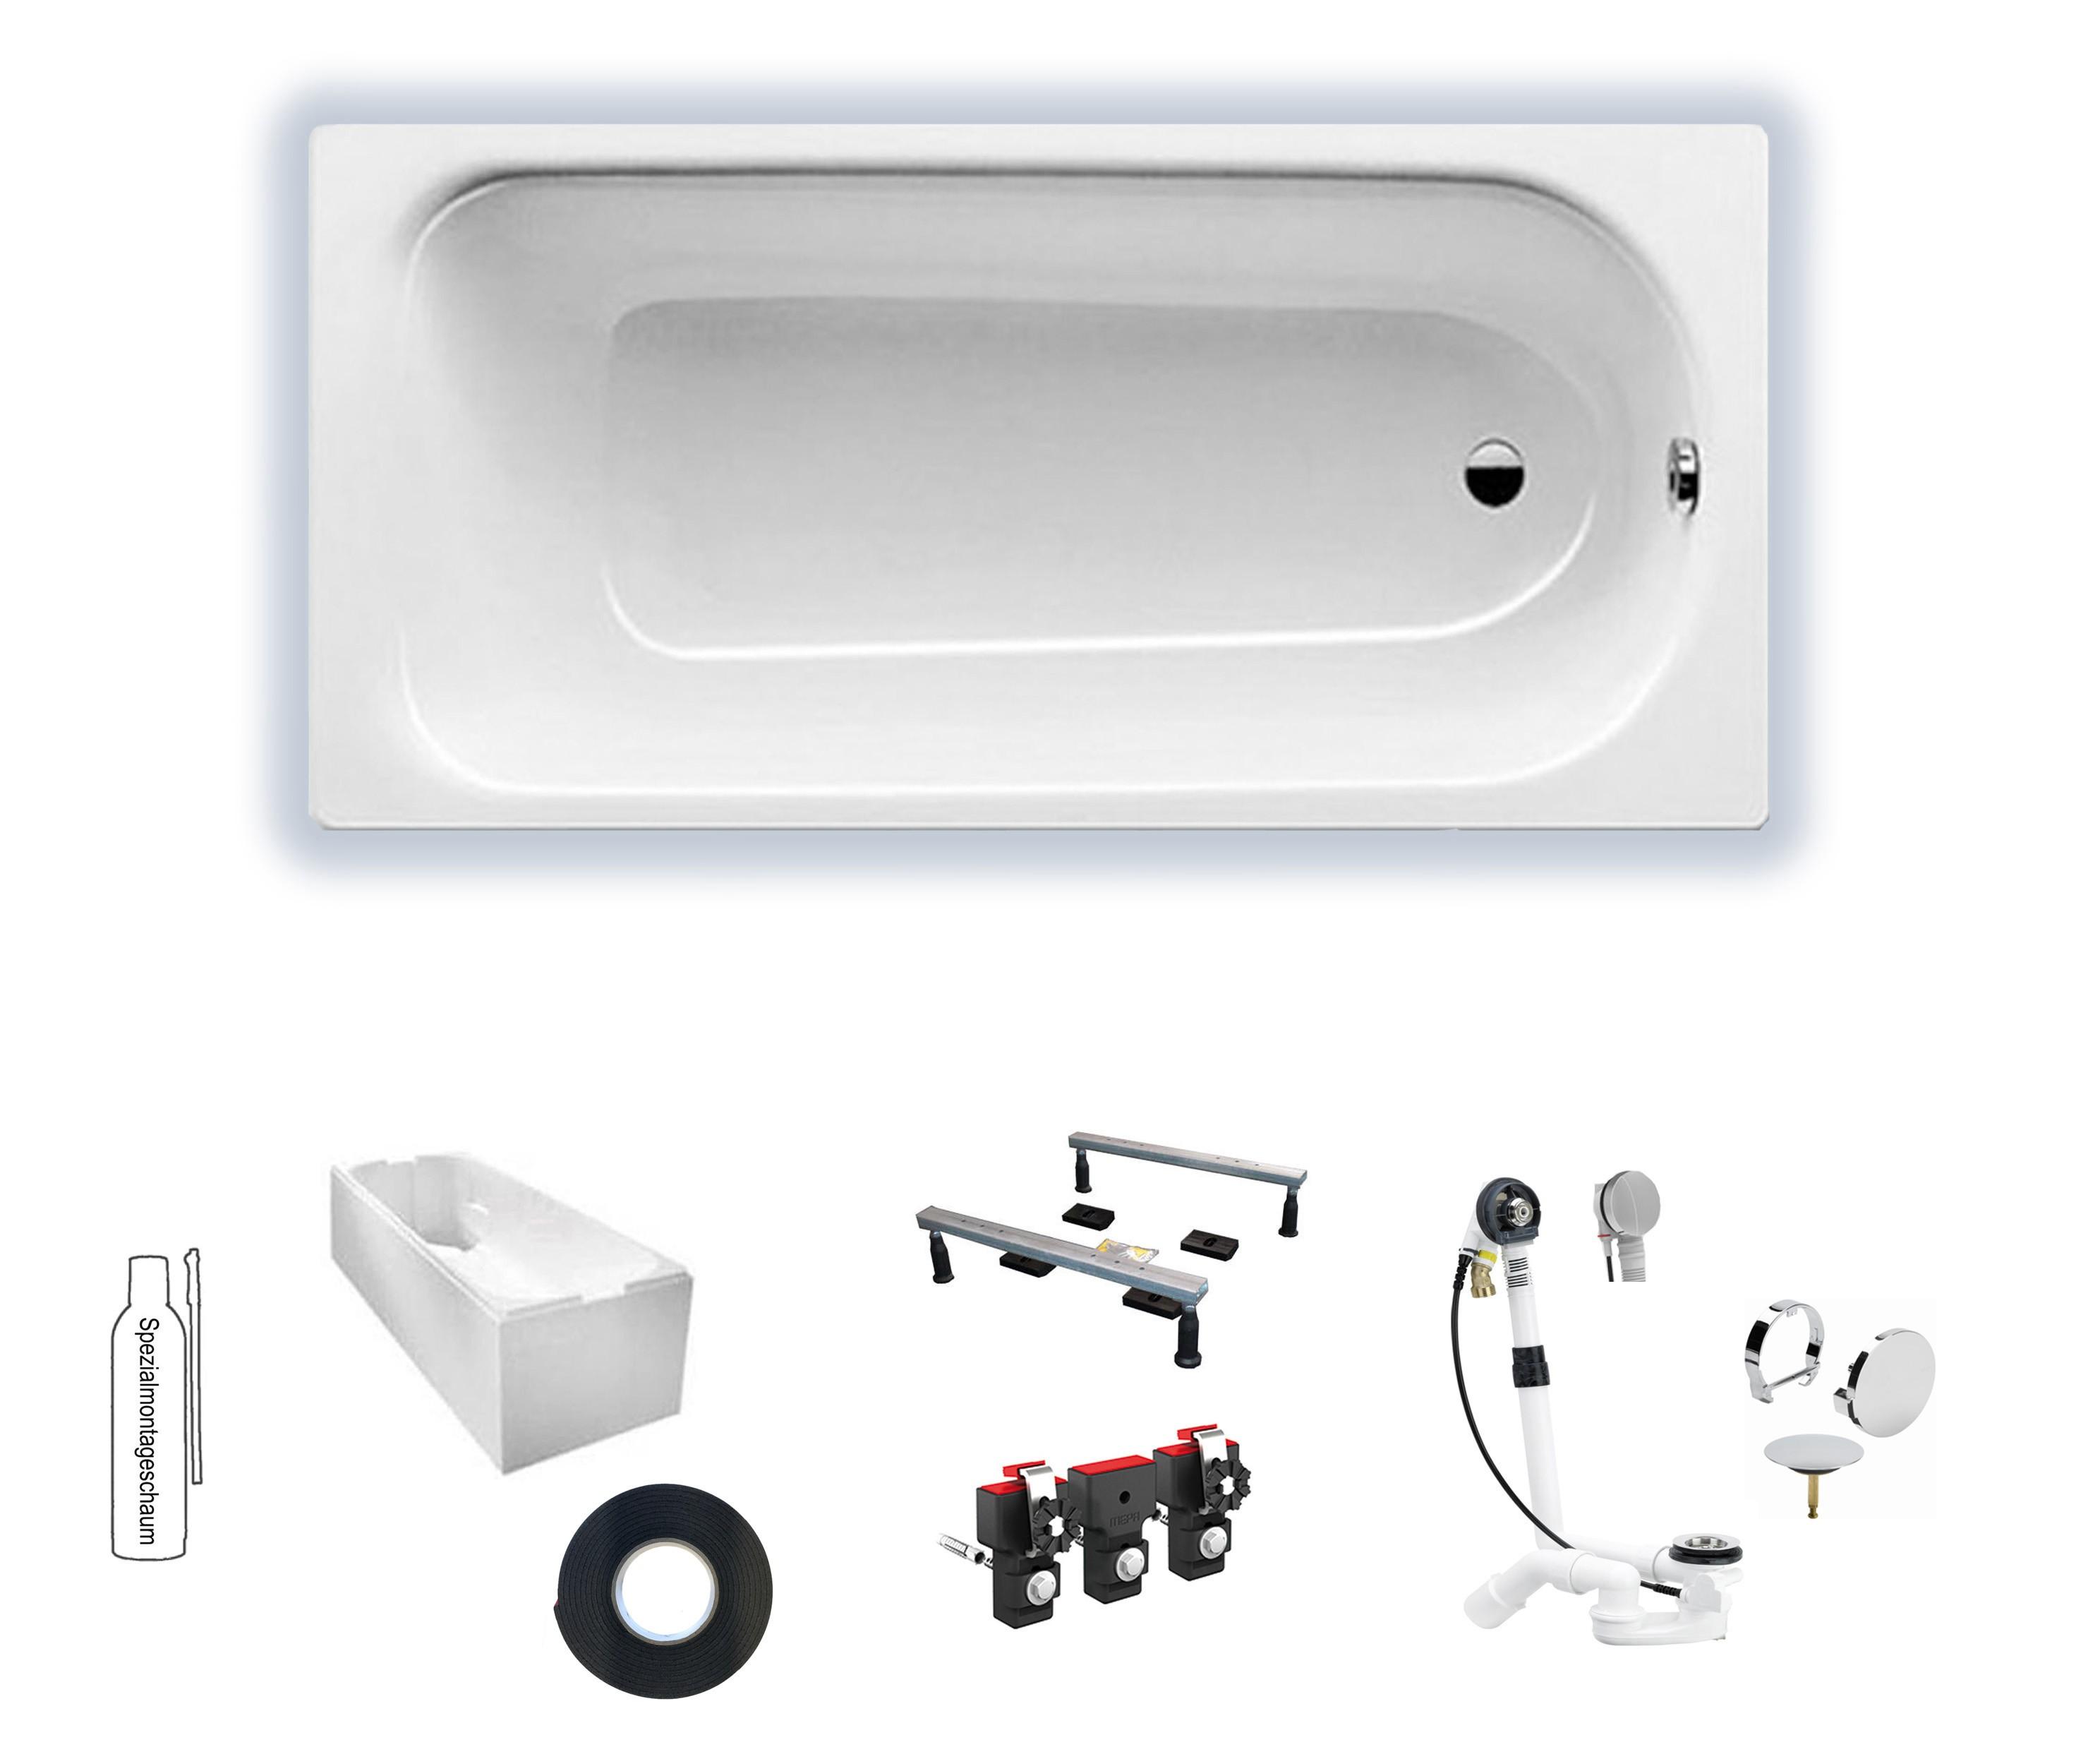 kaldewei saniform plus badewanne stahl email 1700x750. Black Bedroom Furniture Sets. Home Design Ideas